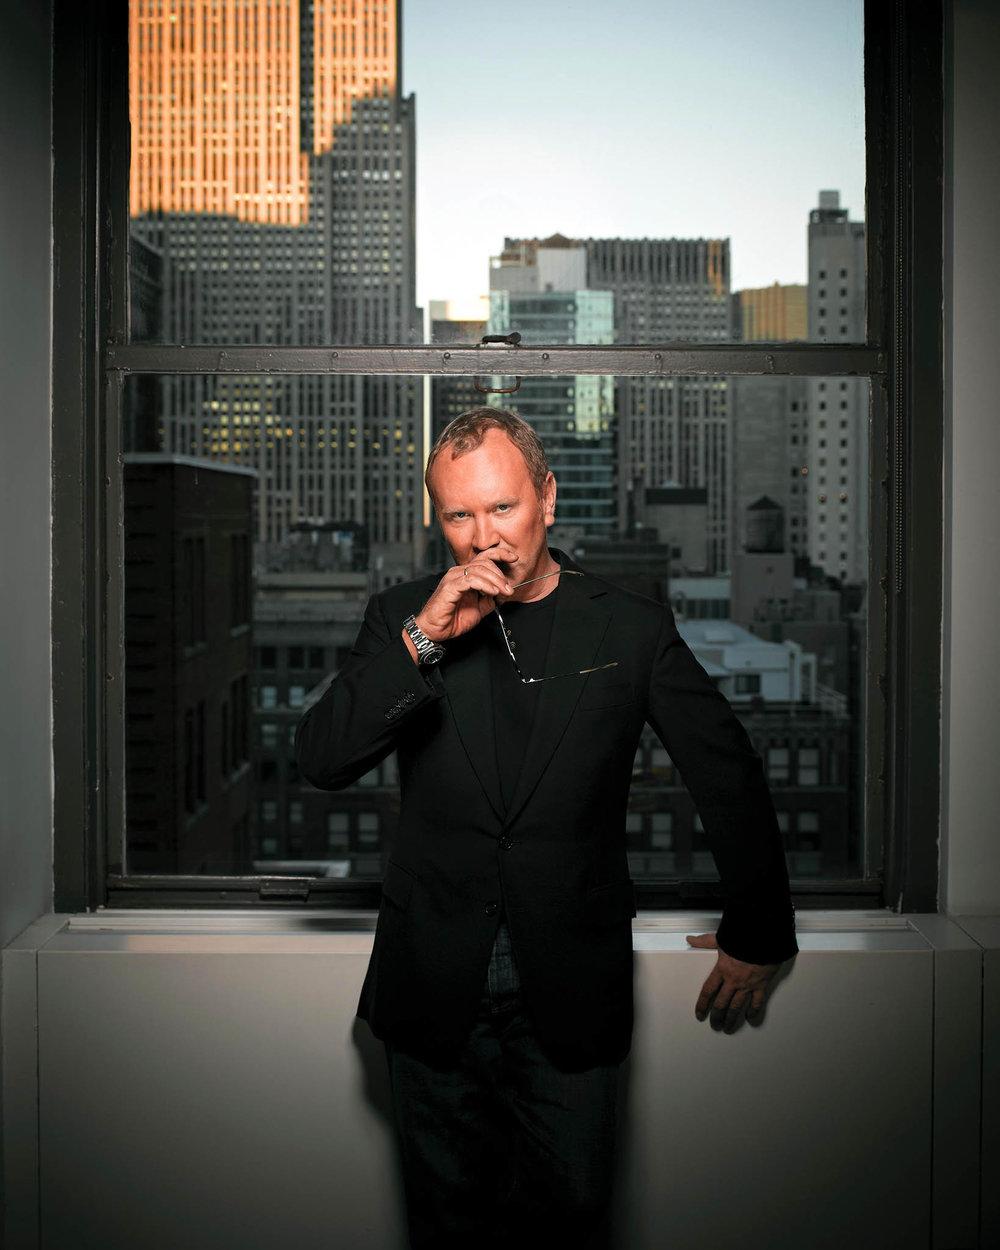 時尚設計大師Michael Kors於1981年創立同名品牌,以簡約明朗、優雅隨性的設計聞名於世。Photos Courtesy of Michael Kors